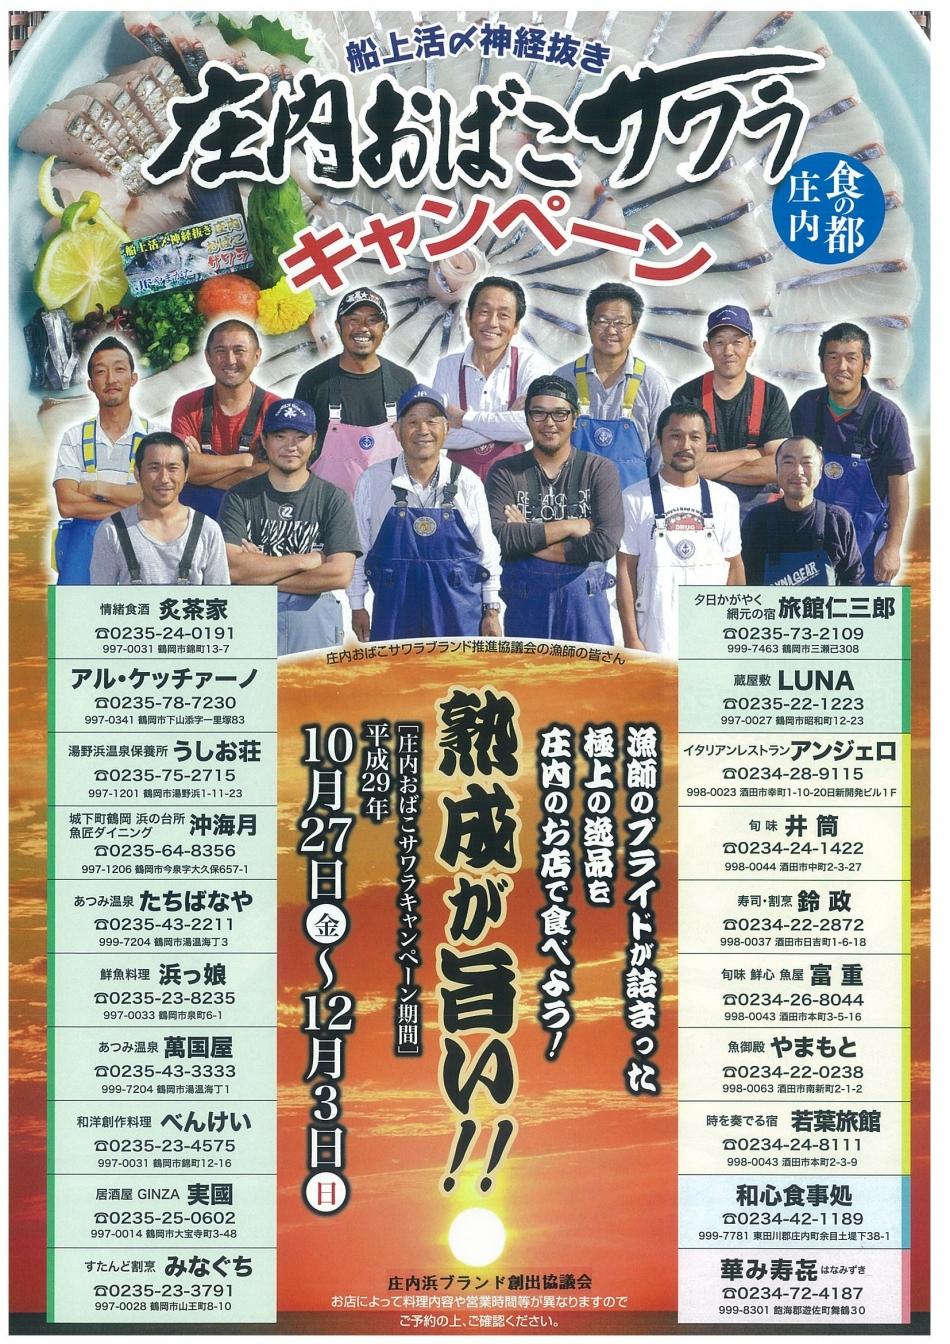 「庄内おばこサワラキャンペーン」が開催されています!【10月27日(金)~12月3日(日)】